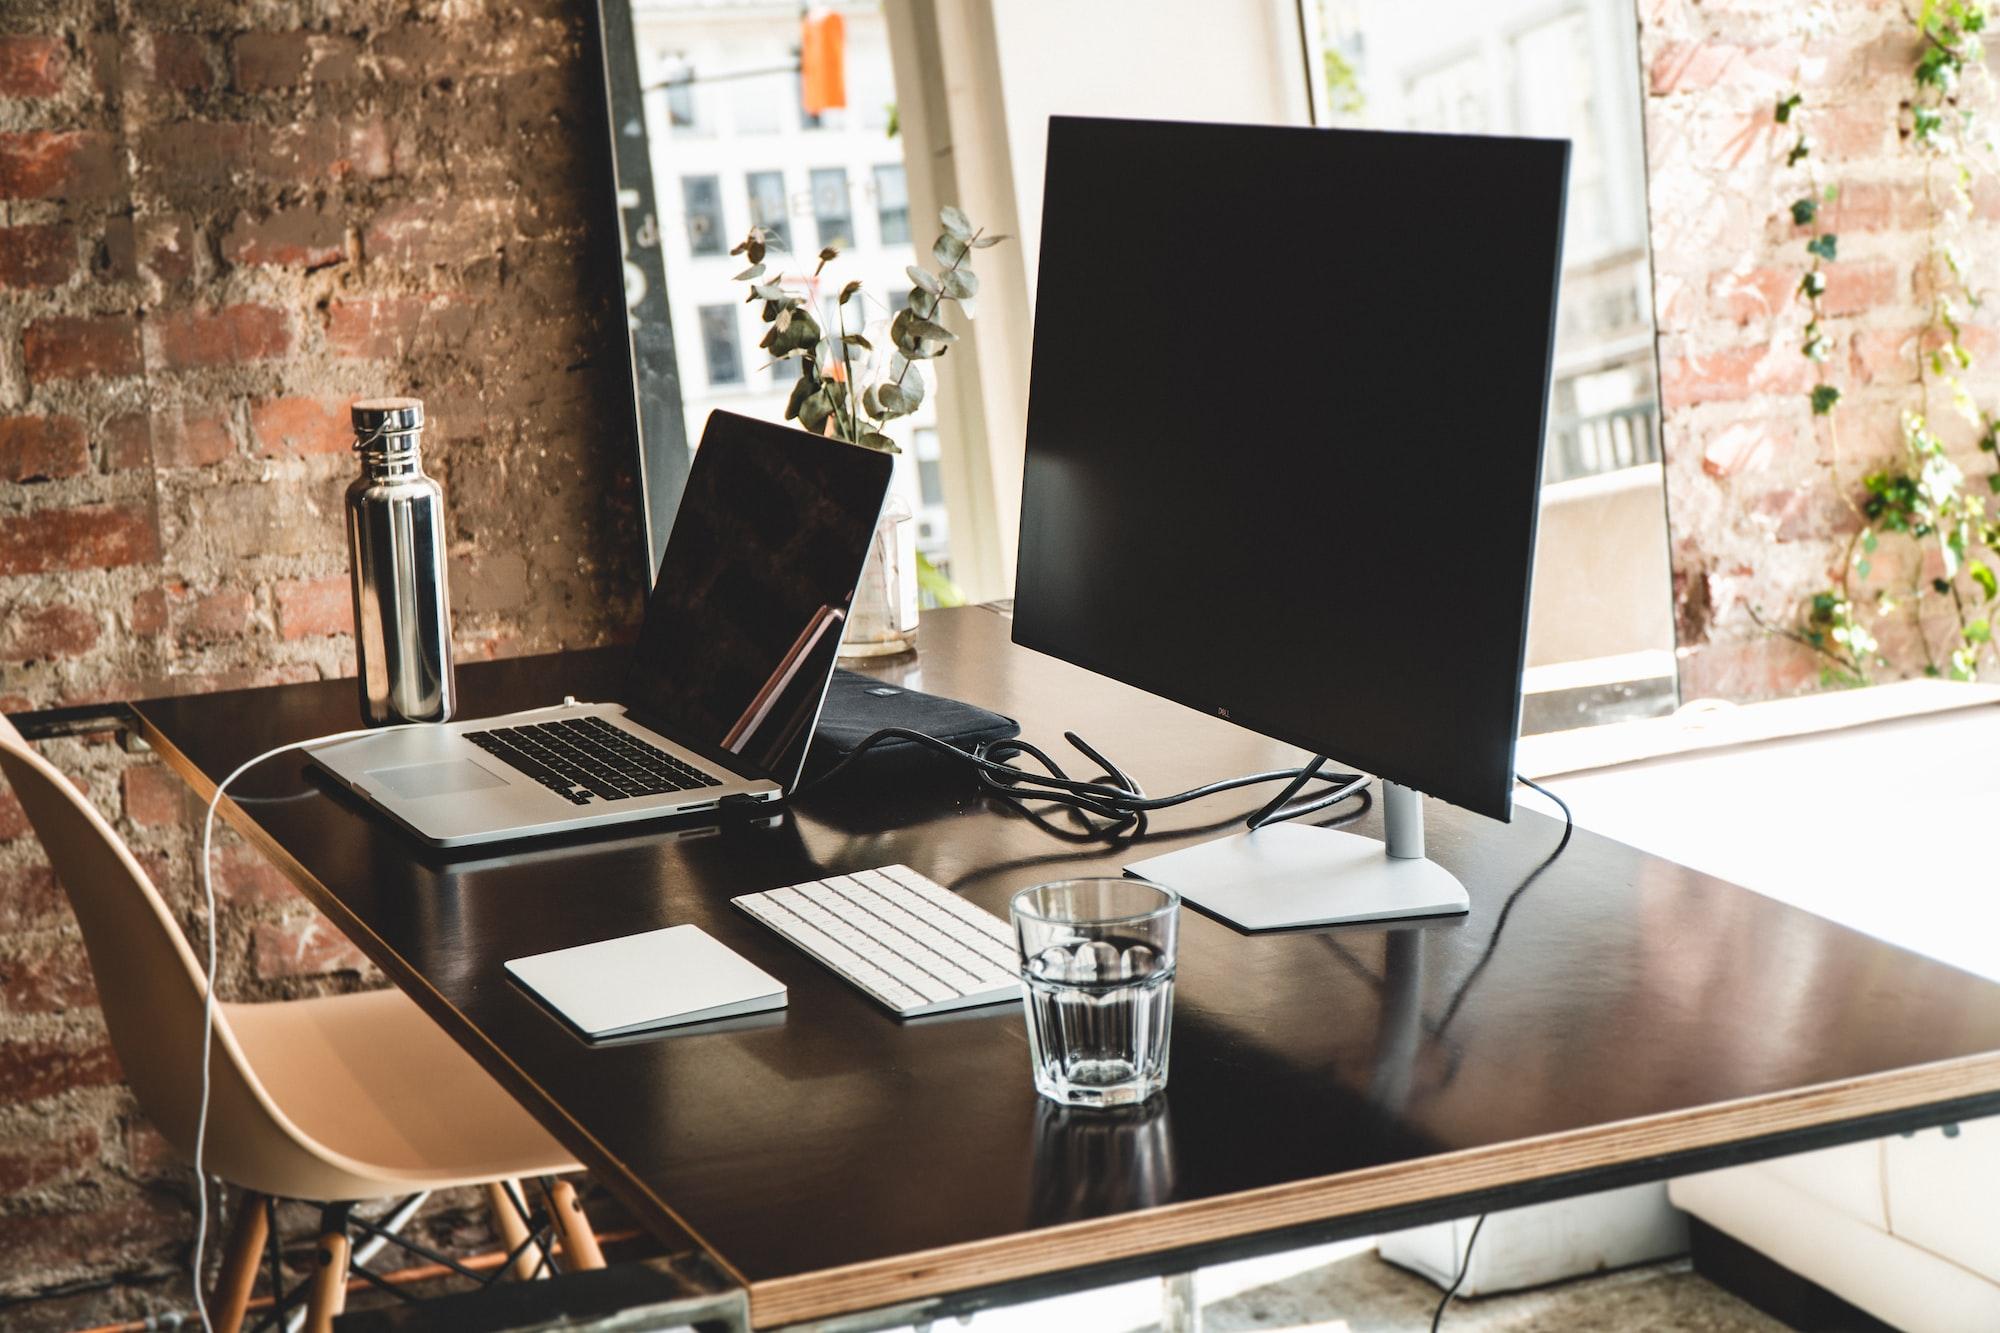 bureau rangé avec ordinateur portable, ordinateur fixe, clavier, gourde et verre d'eau  - blog.troov.com